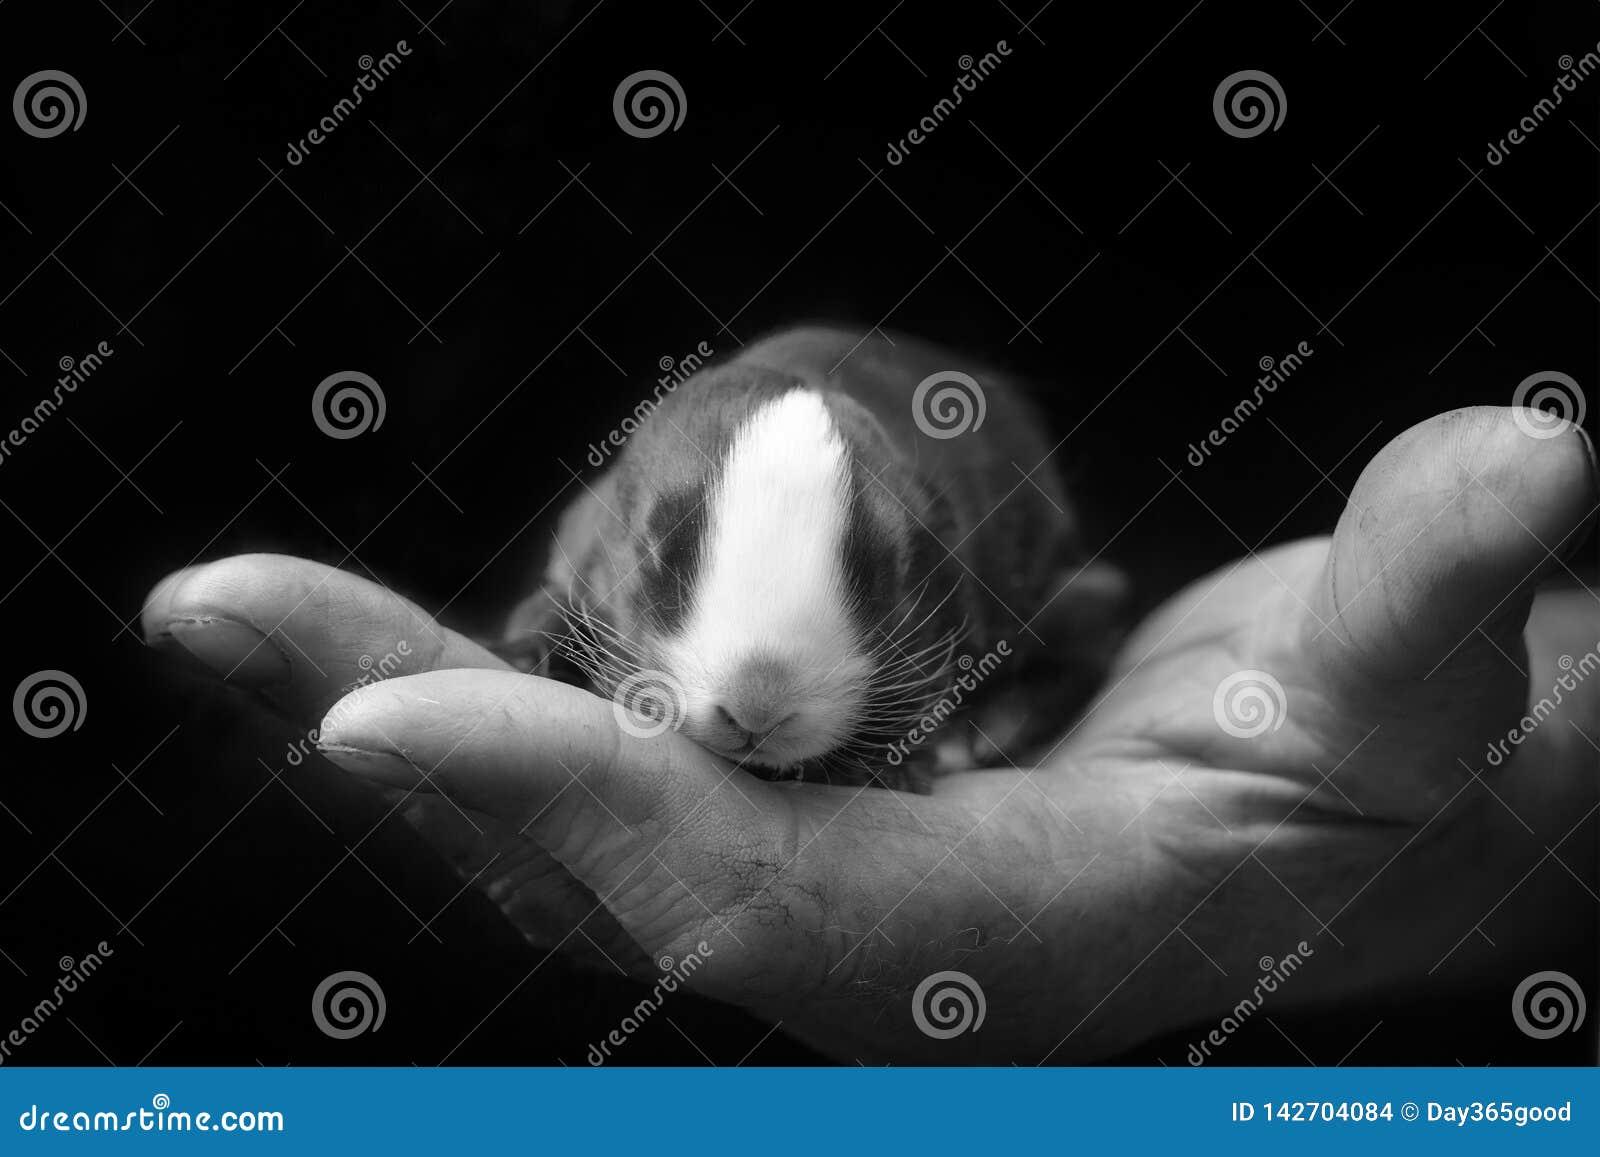 Nyfödd kanin i ägarens hand Att bry sig för husdjur förälskelse till djuren